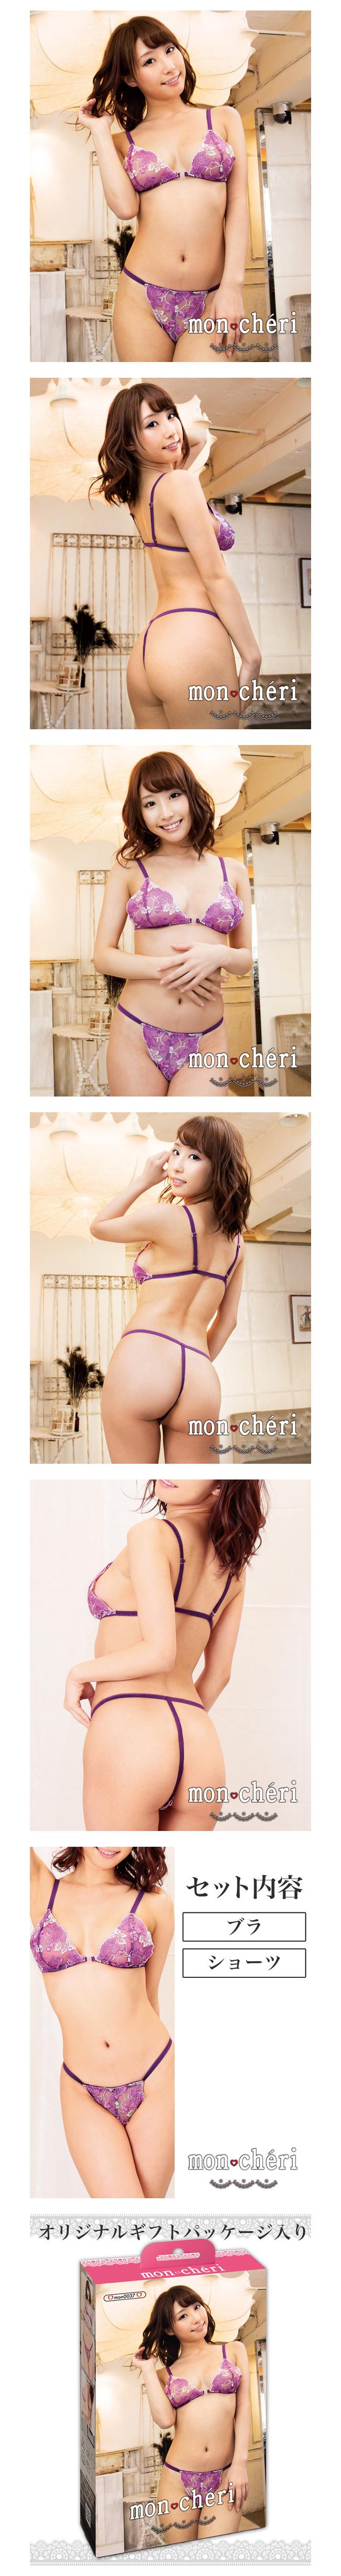 [일본 직수입] 몬체리 섹시 란제리 mon0037(モンシェリ セクシーランジェリー )